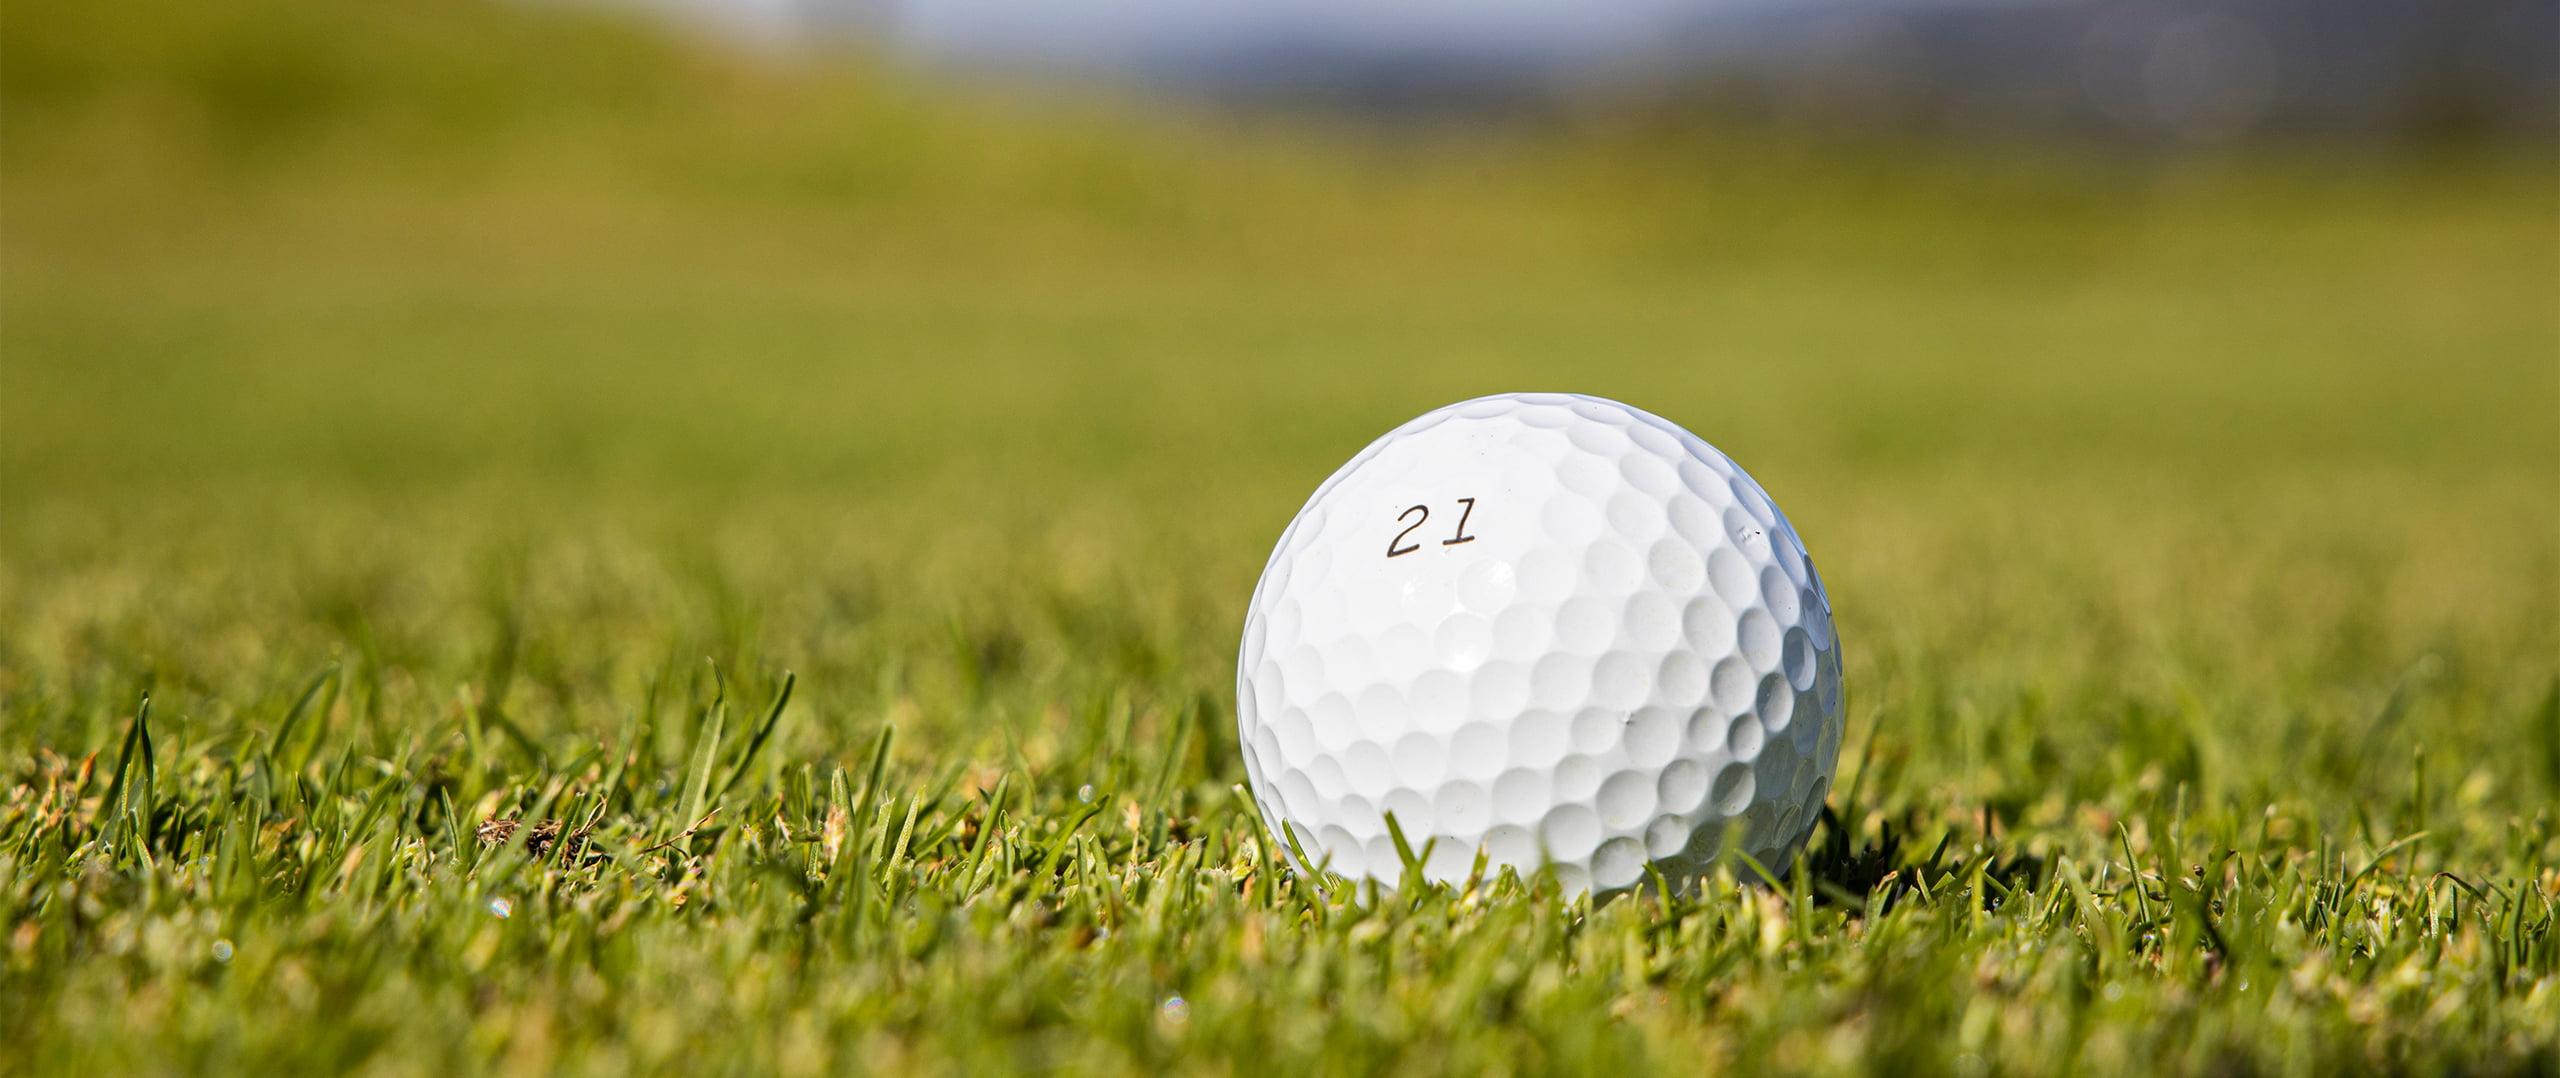 Golfboll på banan med nummer 21